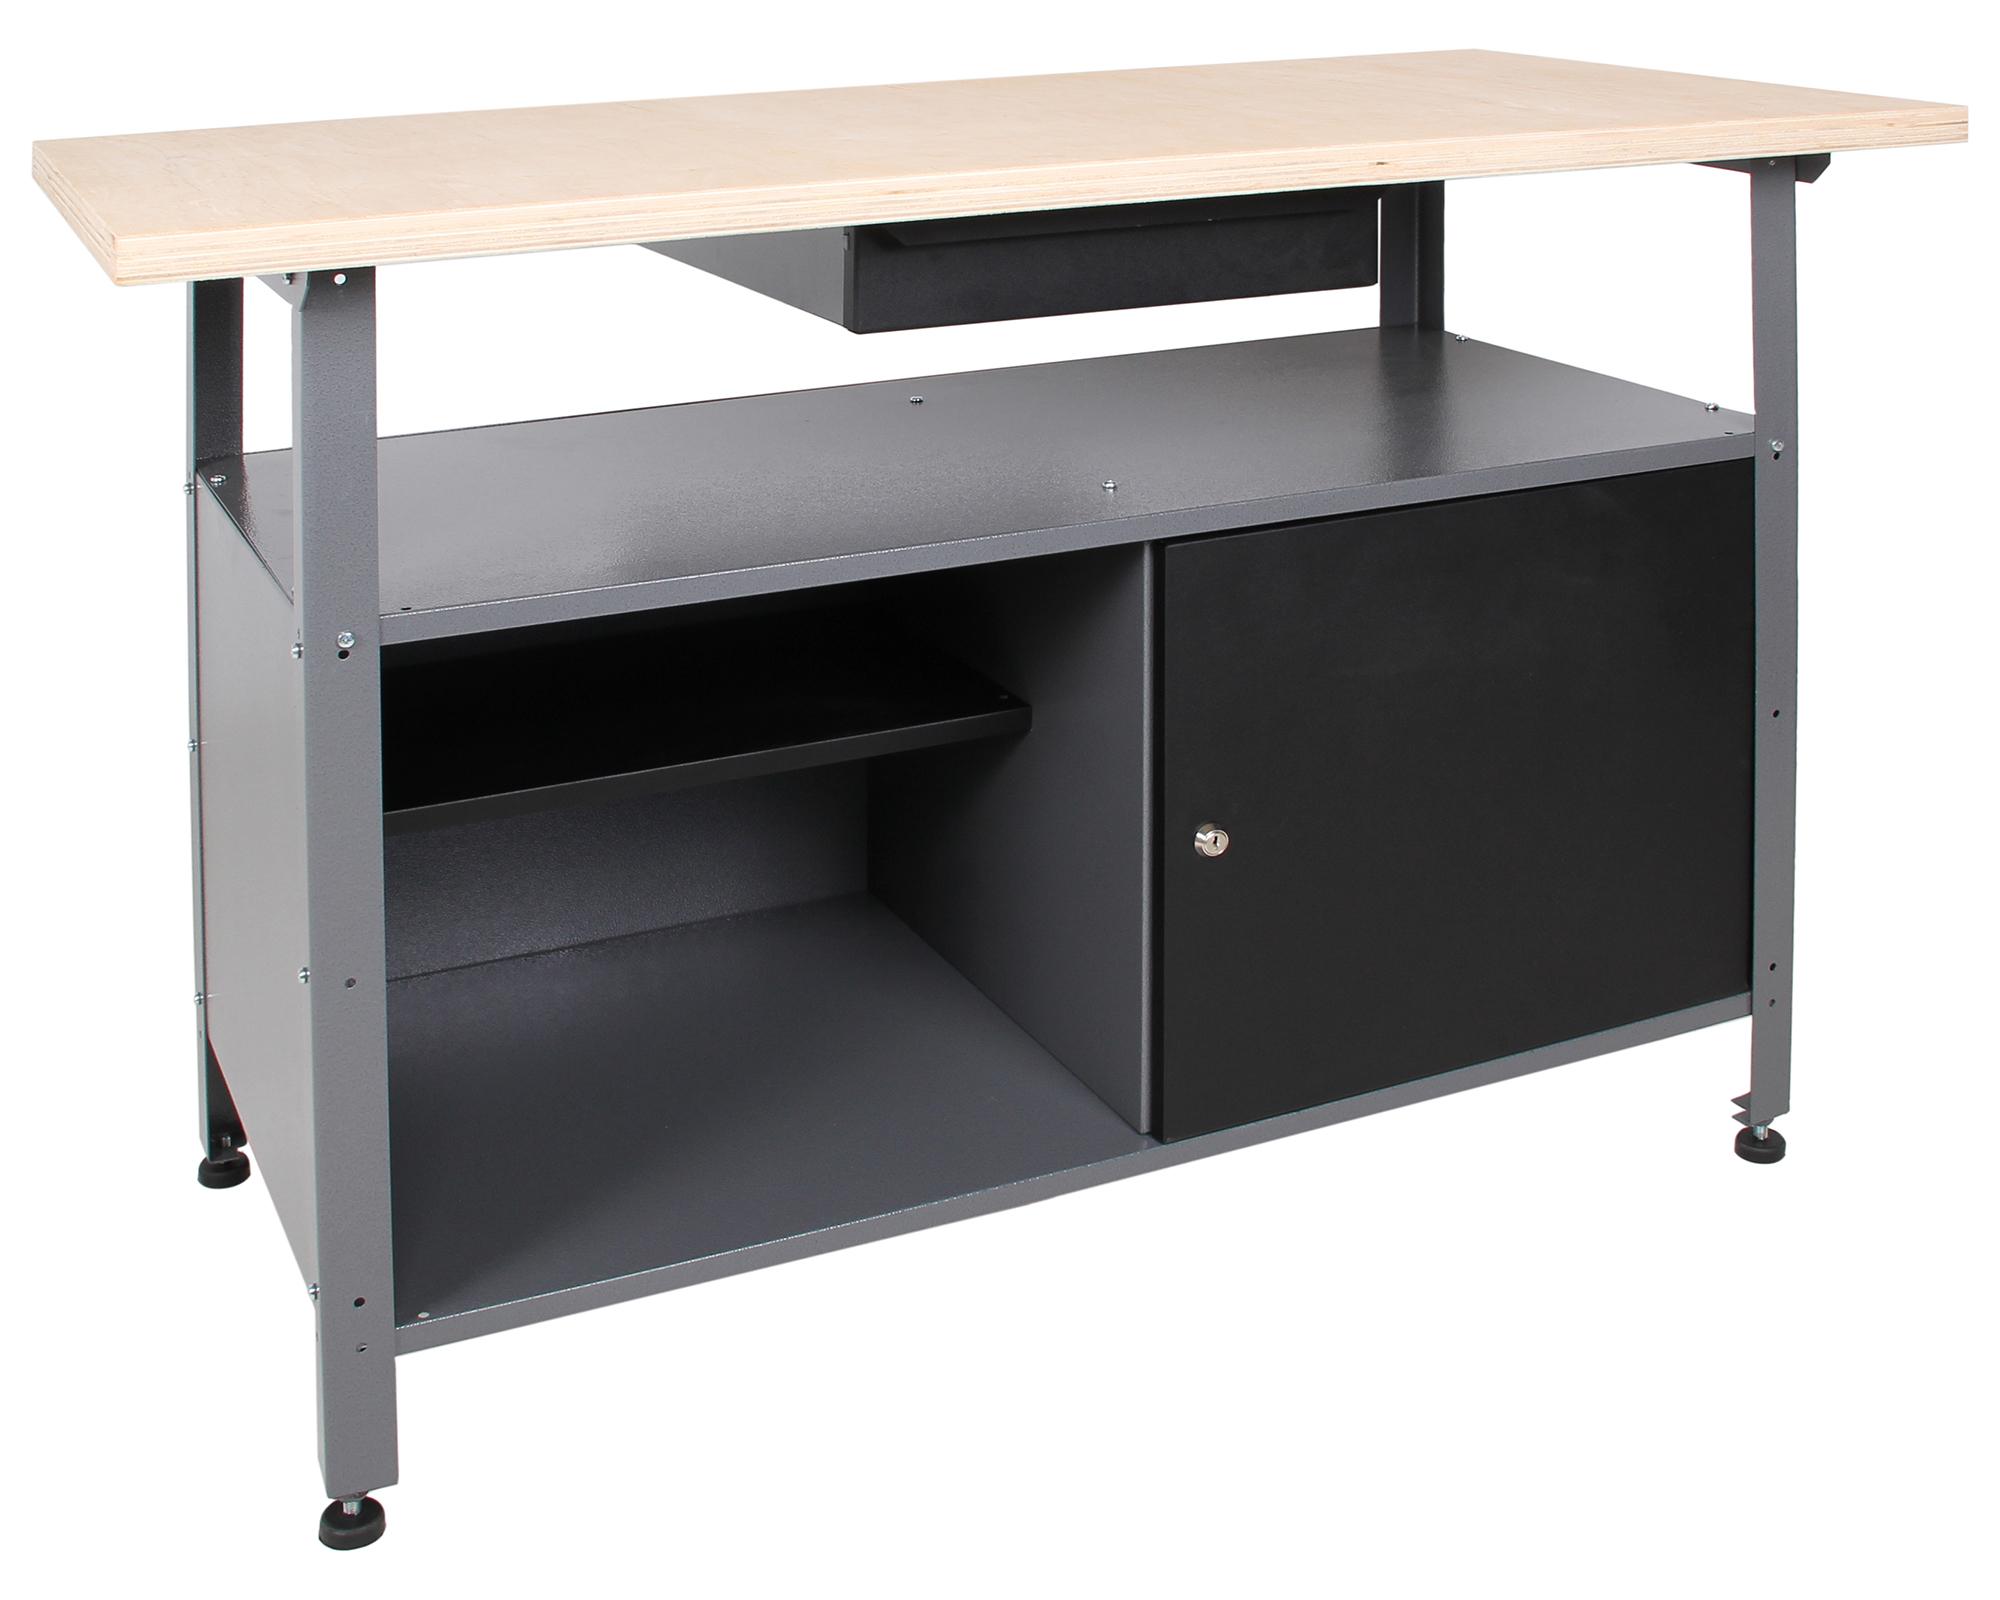 ondis24 werkbank 120 cm t r mit schloss schublade front grau jetzt g nstig kaufen. Black Bedroom Furniture Sets. Home Design Ideas